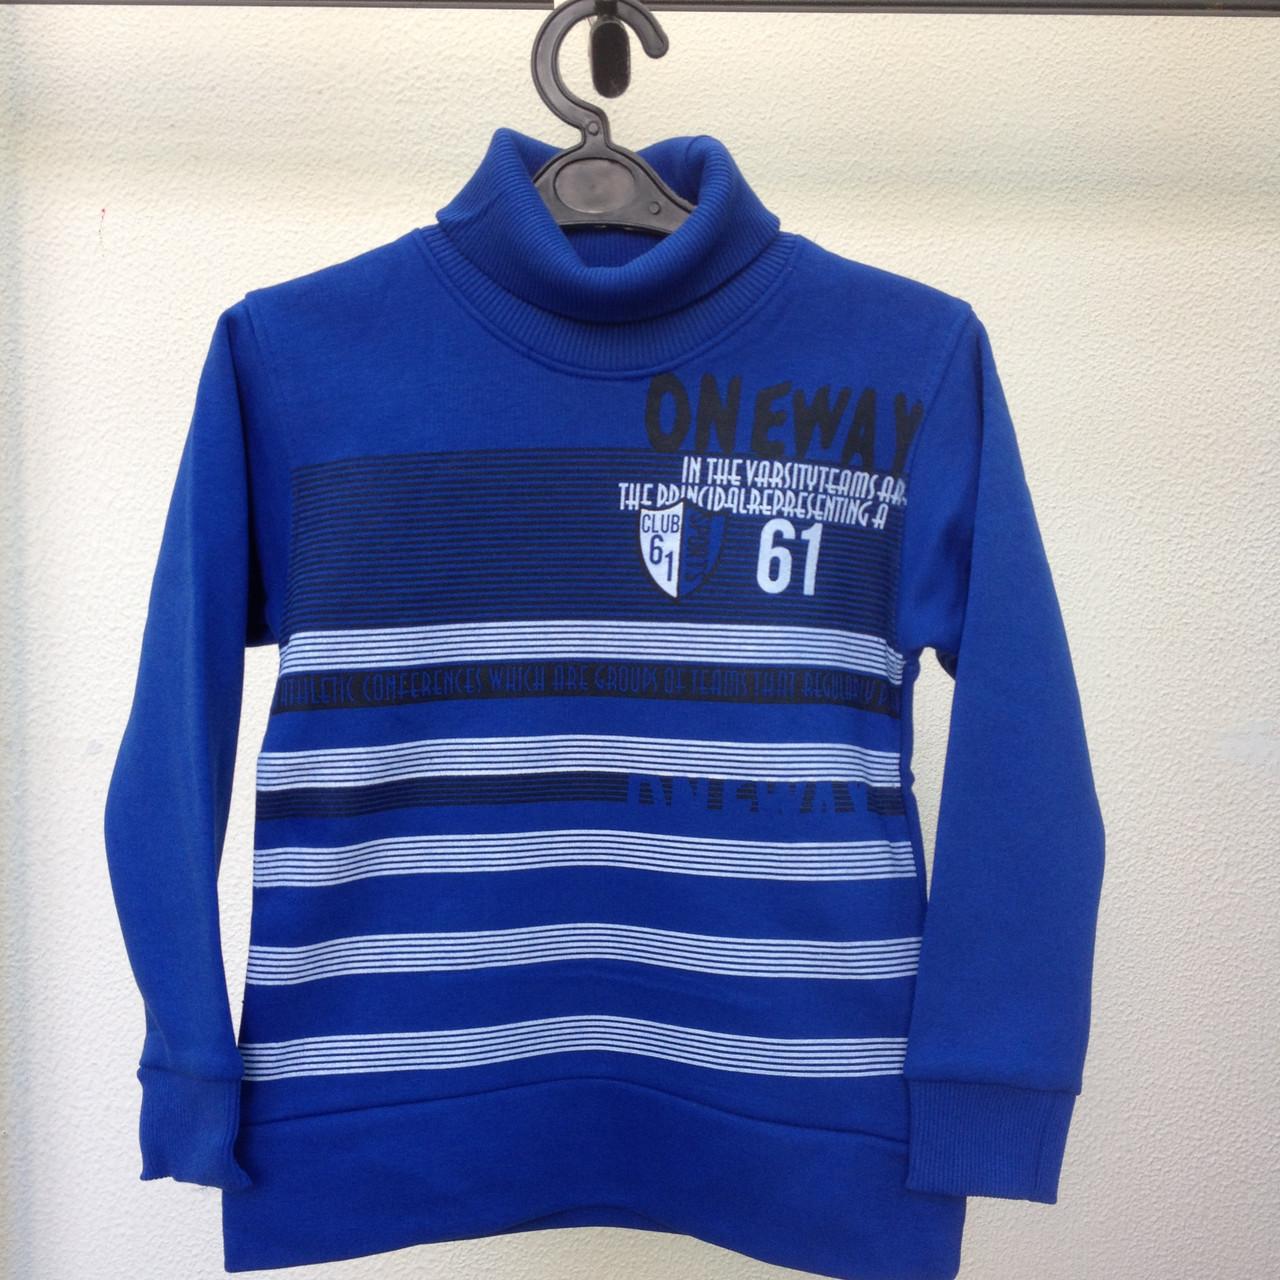 dc76f6cb325d Детская одежда оптом Гольф толстовка теплый на флисе для мальчиков оптом - Детская  одежда оптом